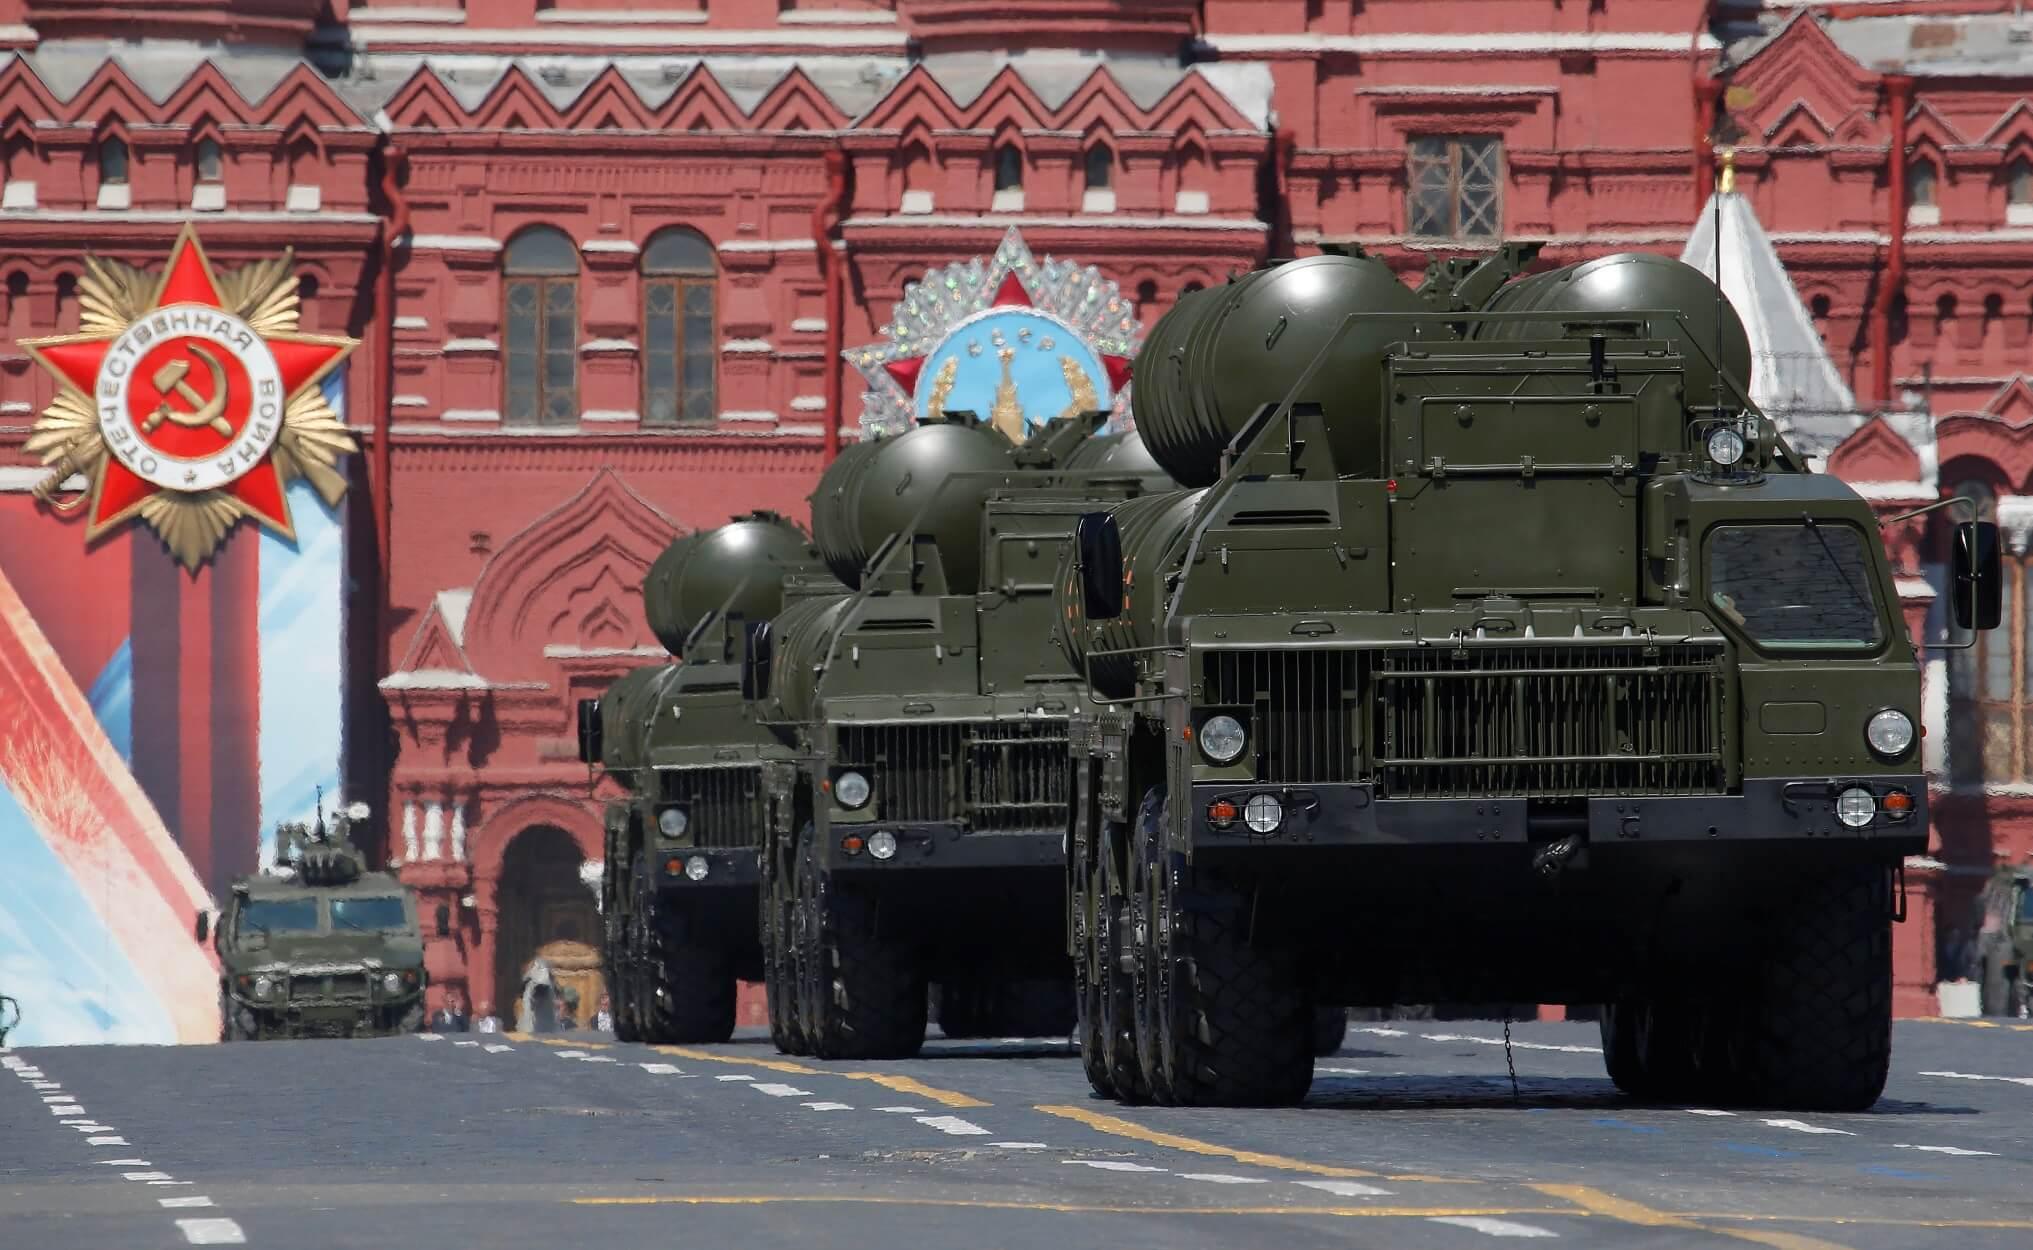 Ρωσία: Παρέταξε πυραύλους S-400 στην περιφέρεια του Λένινγκραντ!